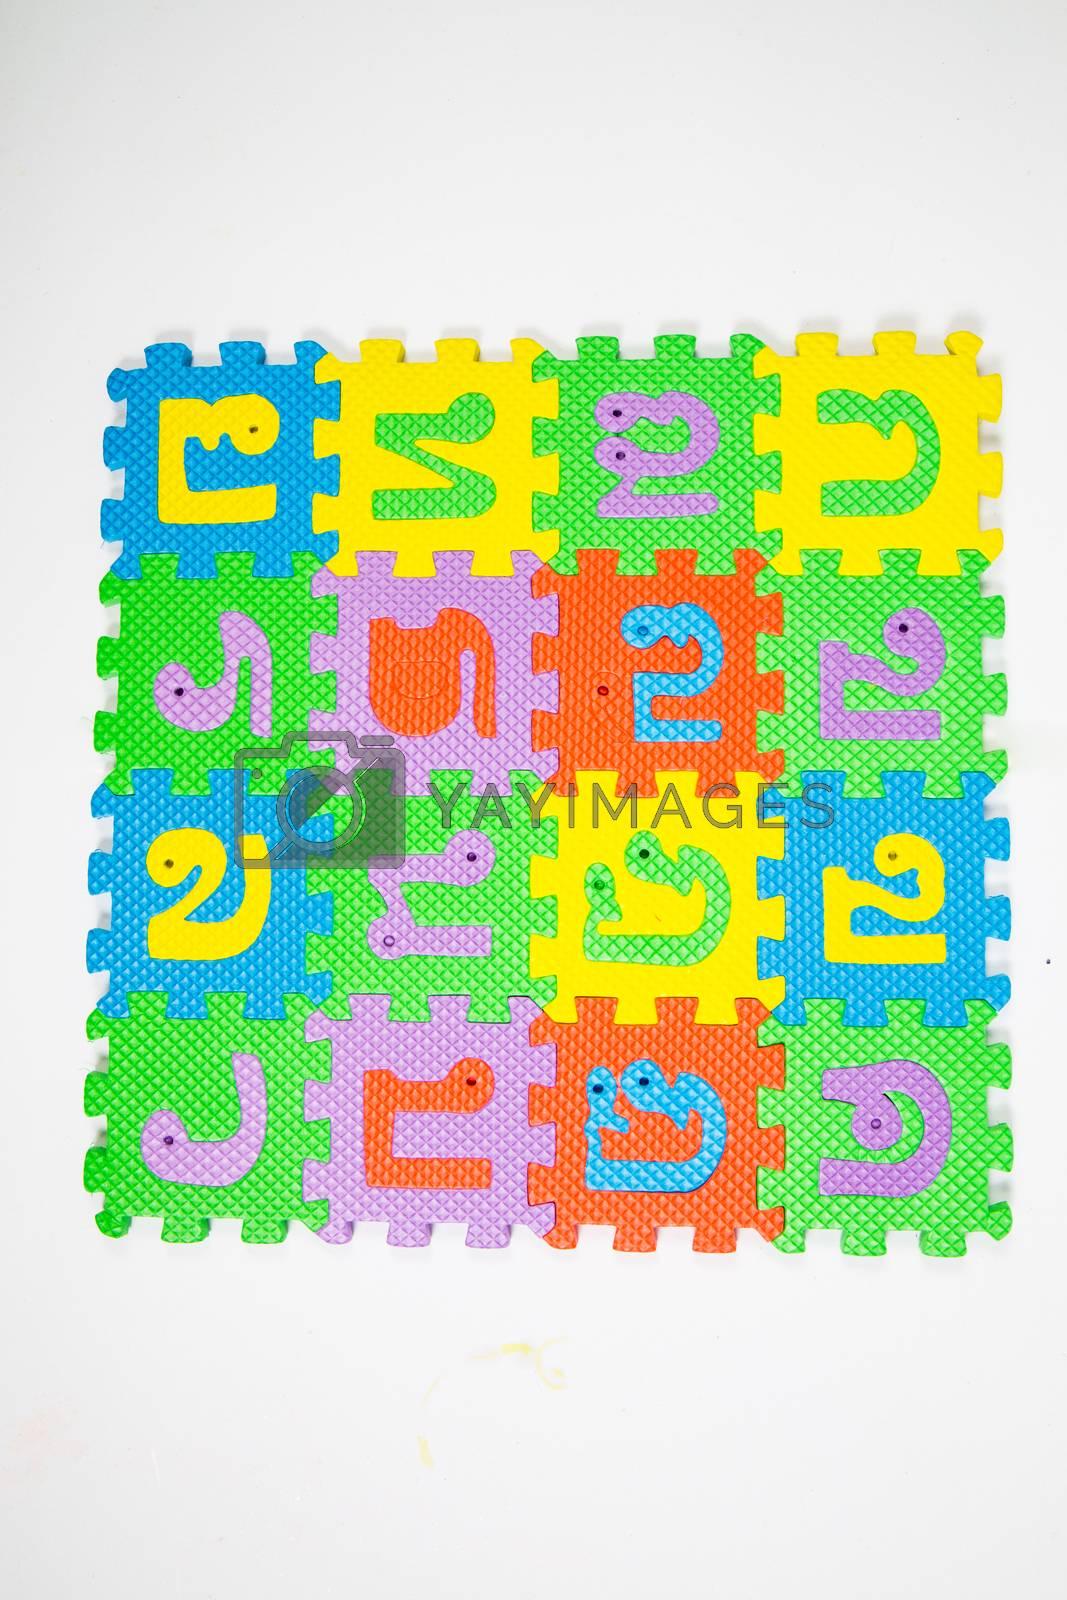 Game alphabet Thailand by tuchkay